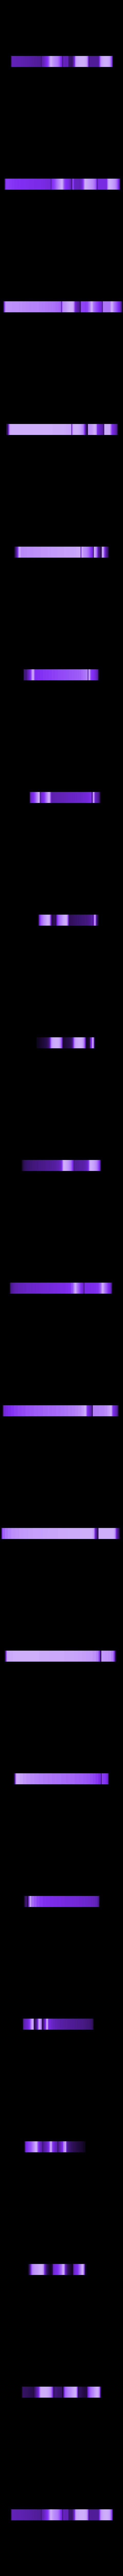 """W-1.stl Télécharger fichier STL gratuit LED light letters """"Why not?"""" • Objet pour impression 3D, dukedoks"""